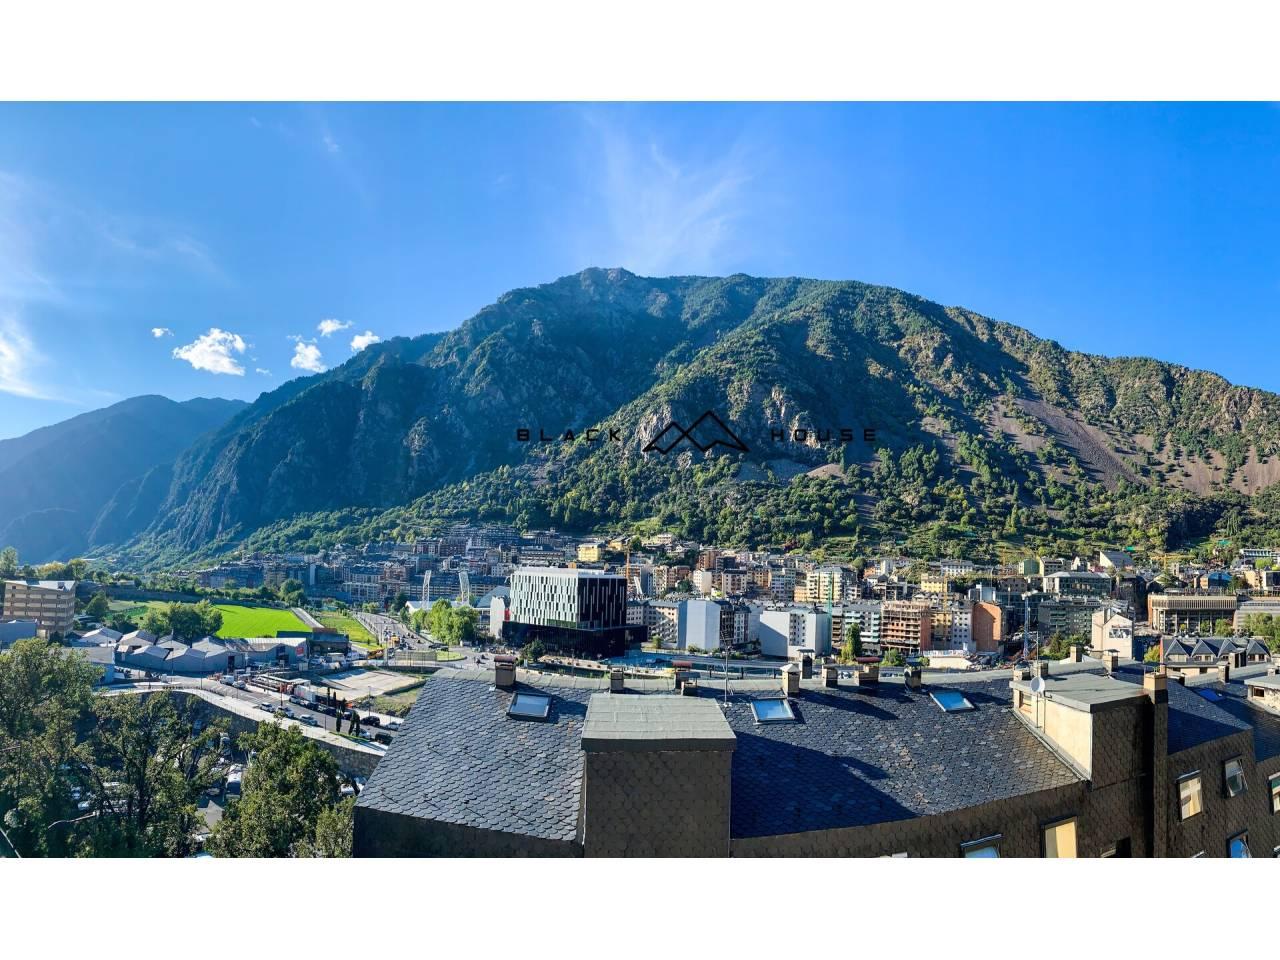 Lote de 4 apartamentos reformados, amueblados y equipados a la venta en el centro de Andorra la Vella. IDEAL INVERSORES